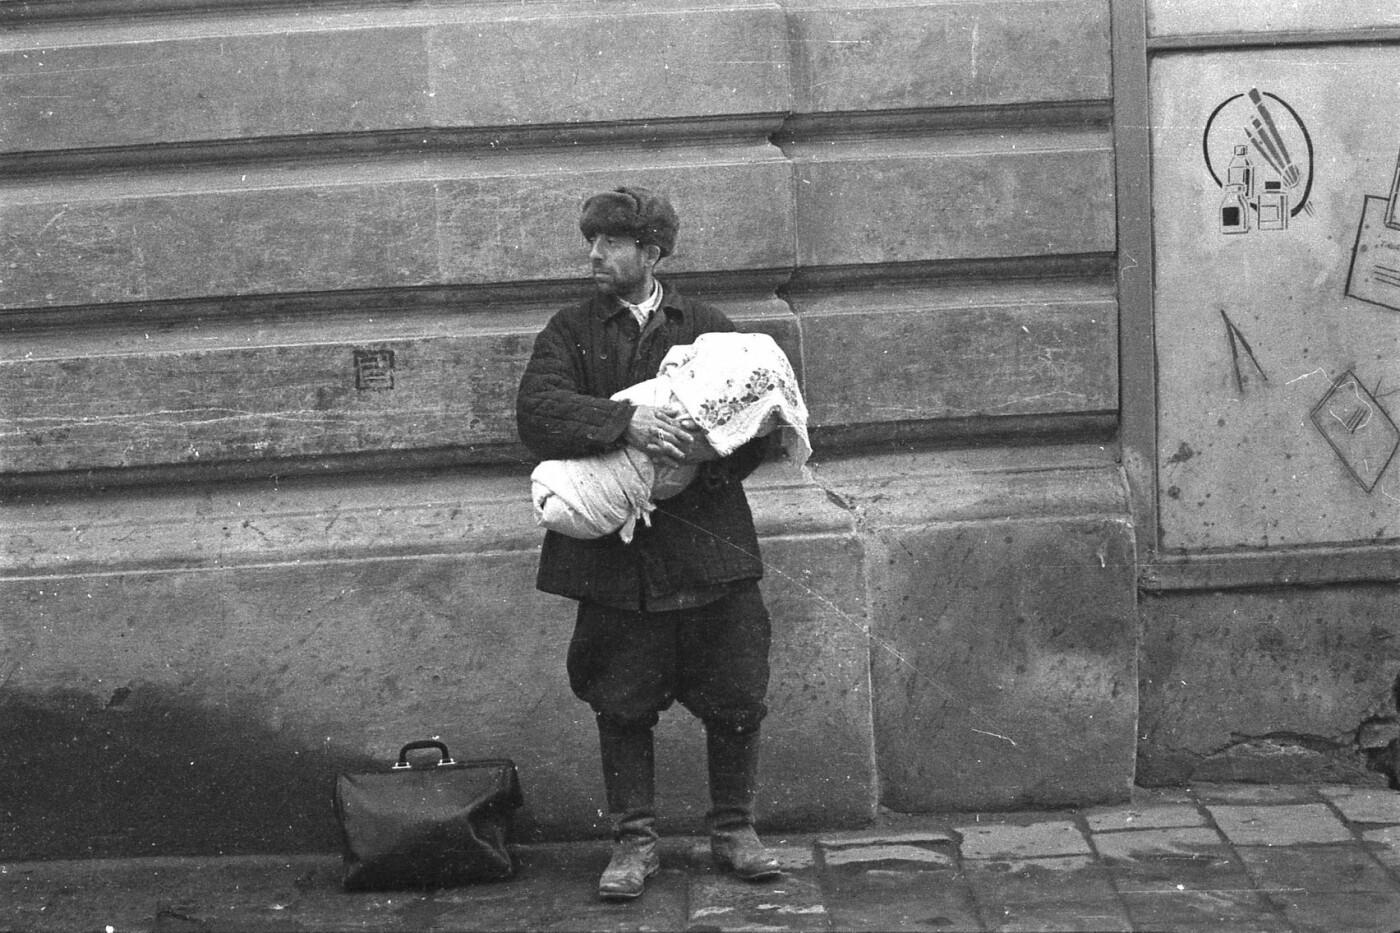 Як виглядали перехожі на вулицях Львова у 1970-х роках, - ФОТО, фото-2